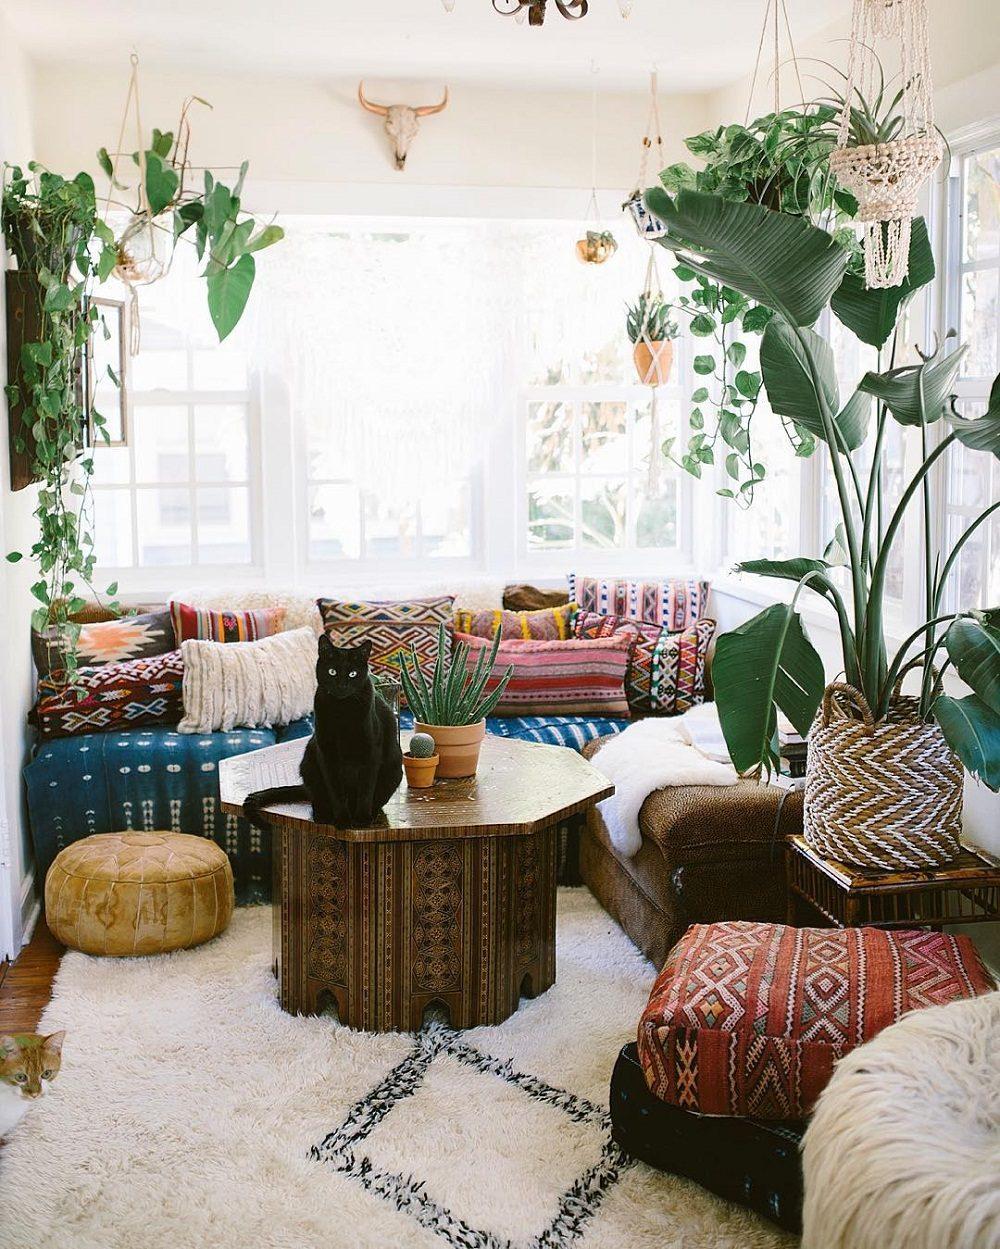 Thiết kế phòng khách phong cách Bohemian cực ấn tượng - 09